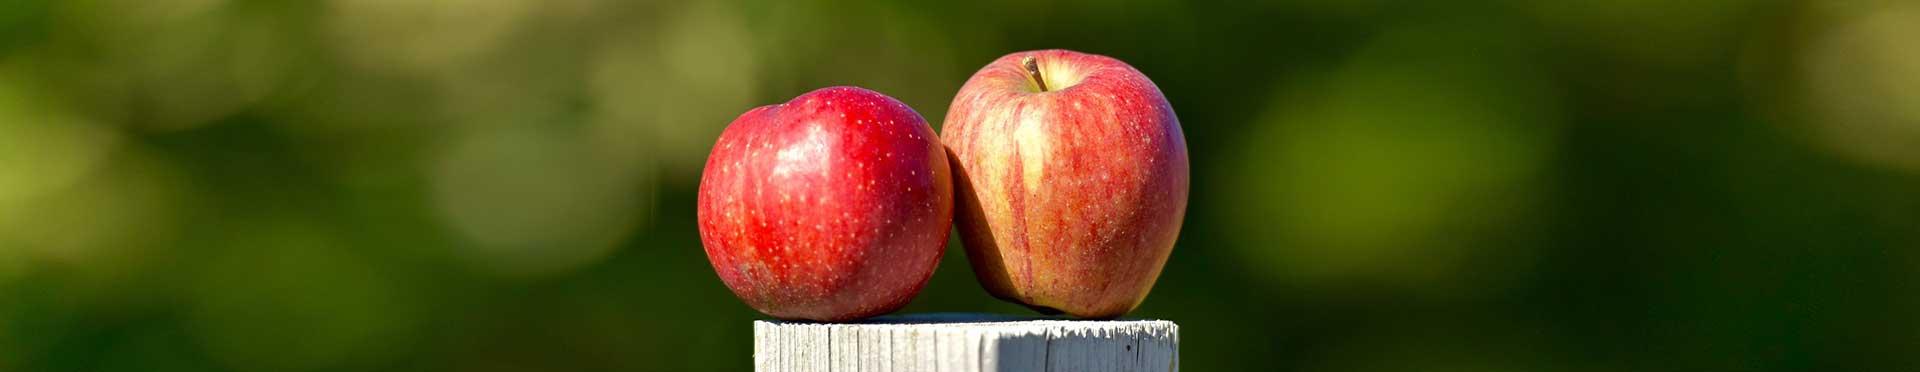 manzanas obtenidas con productos fertilizantes